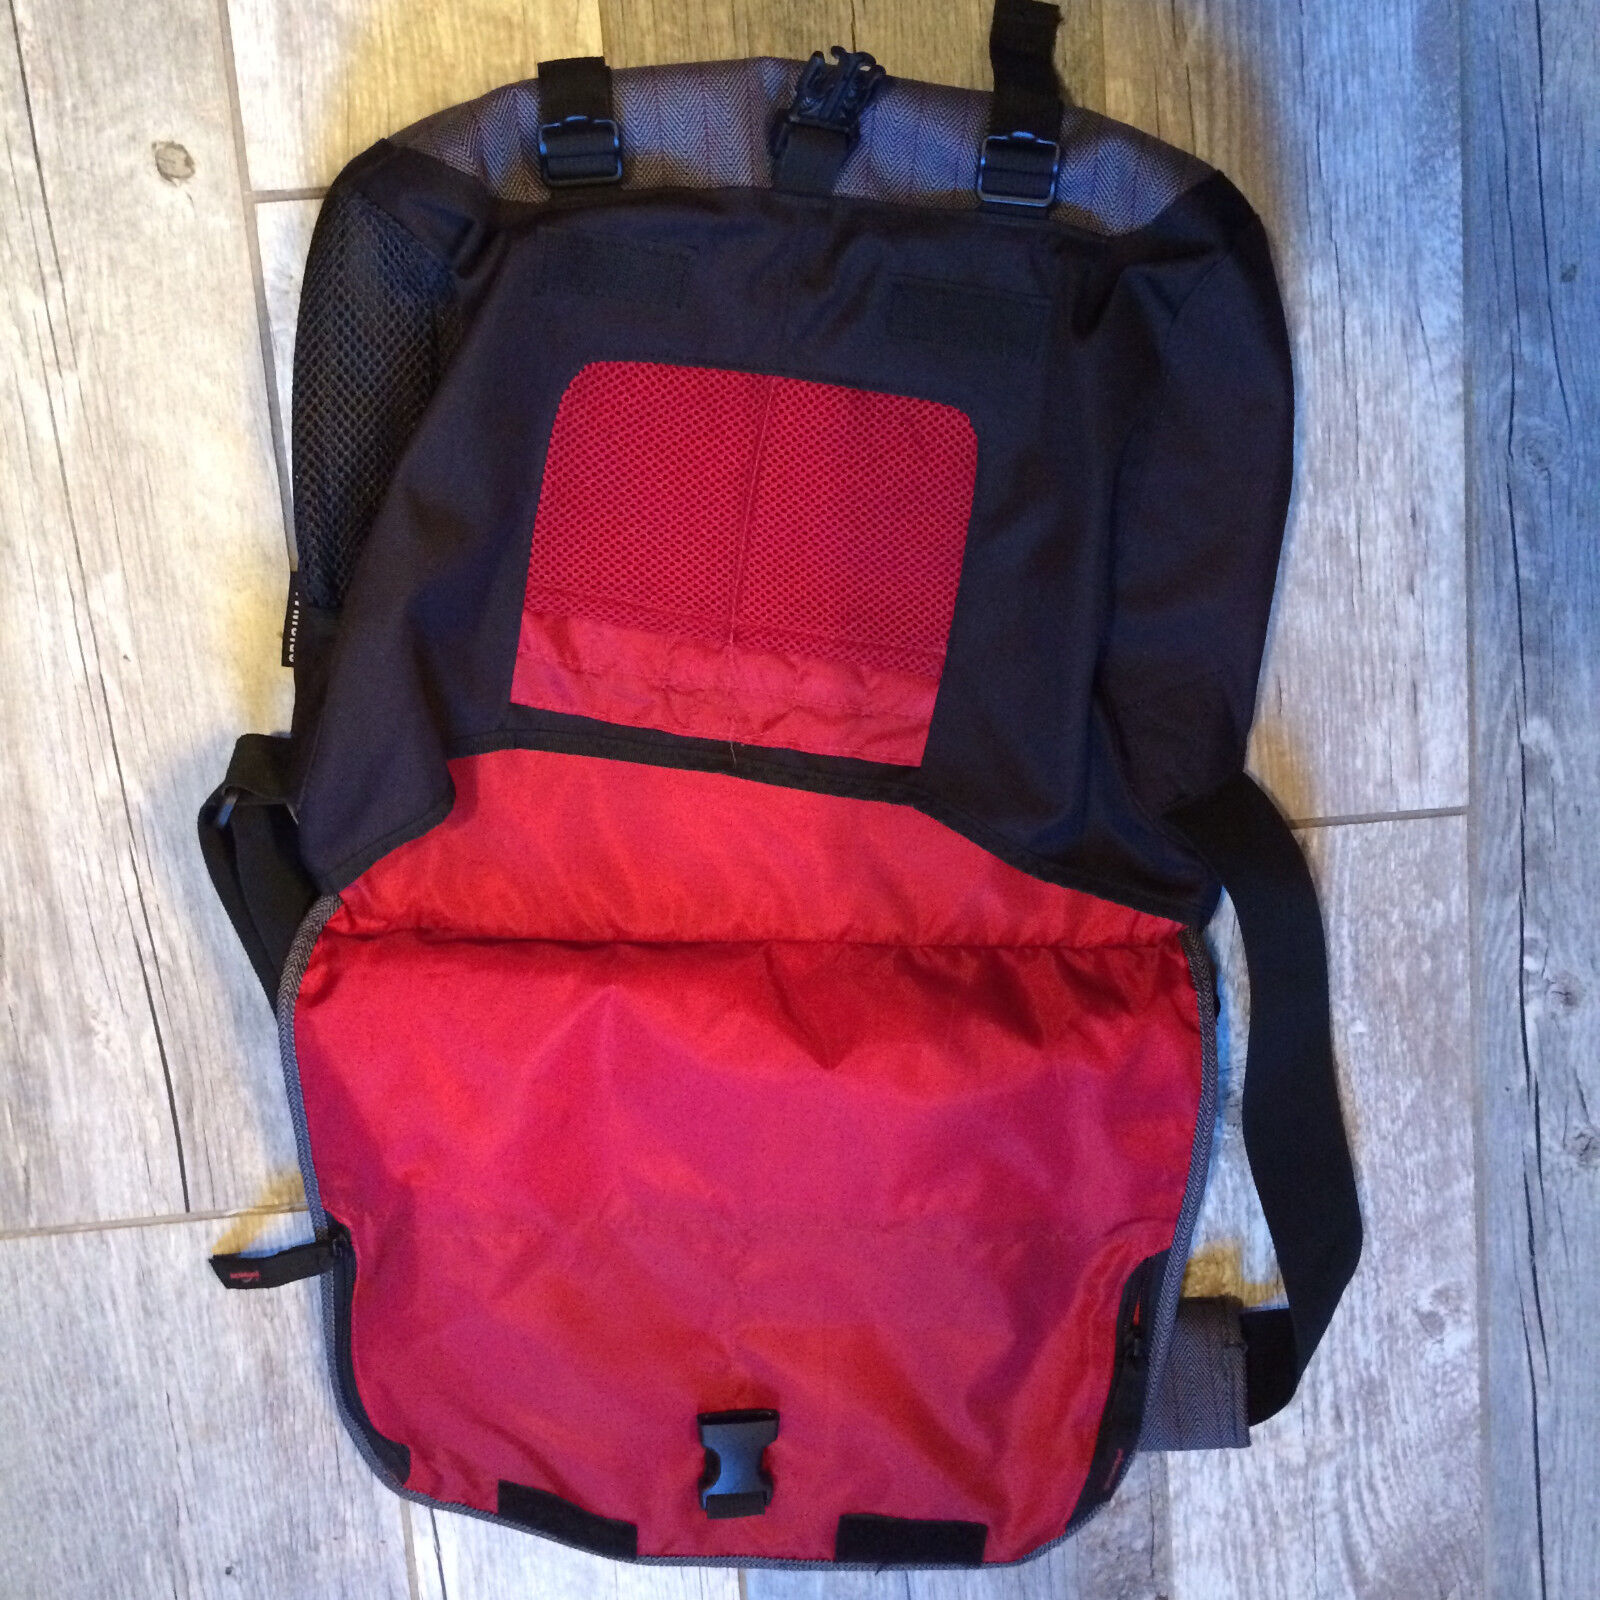 Sherrygeoffrey Moto Gp Student Shoulder Bookbag Backpack Laptop Bag